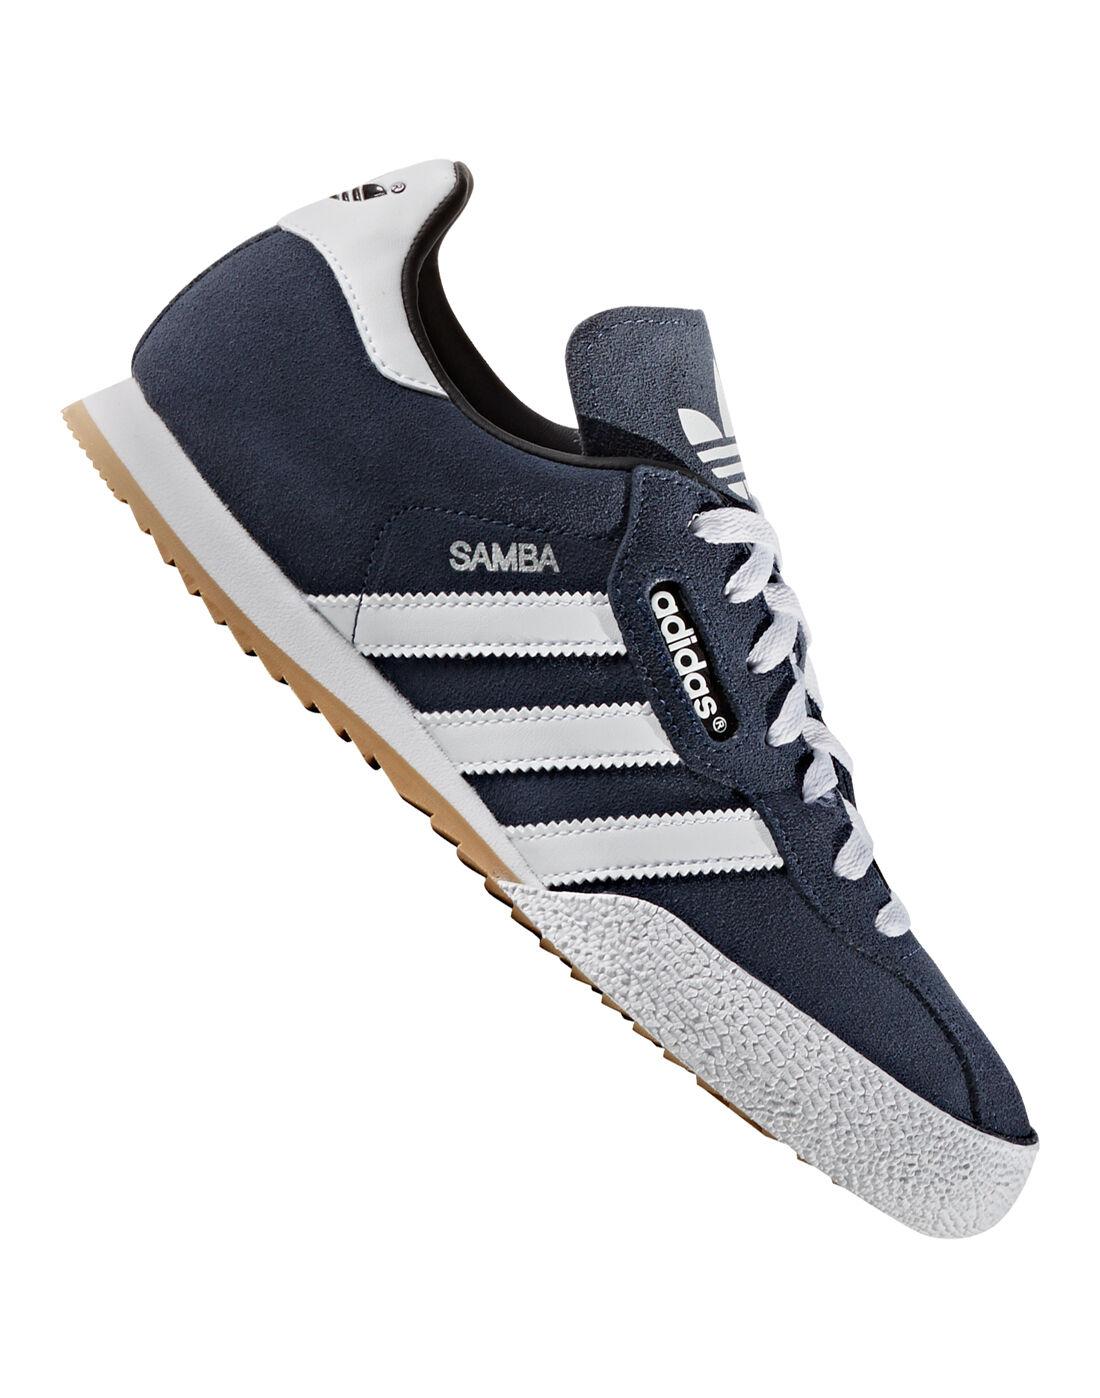 adidas Originals Mens Samba Super Suede   Life Style Sports